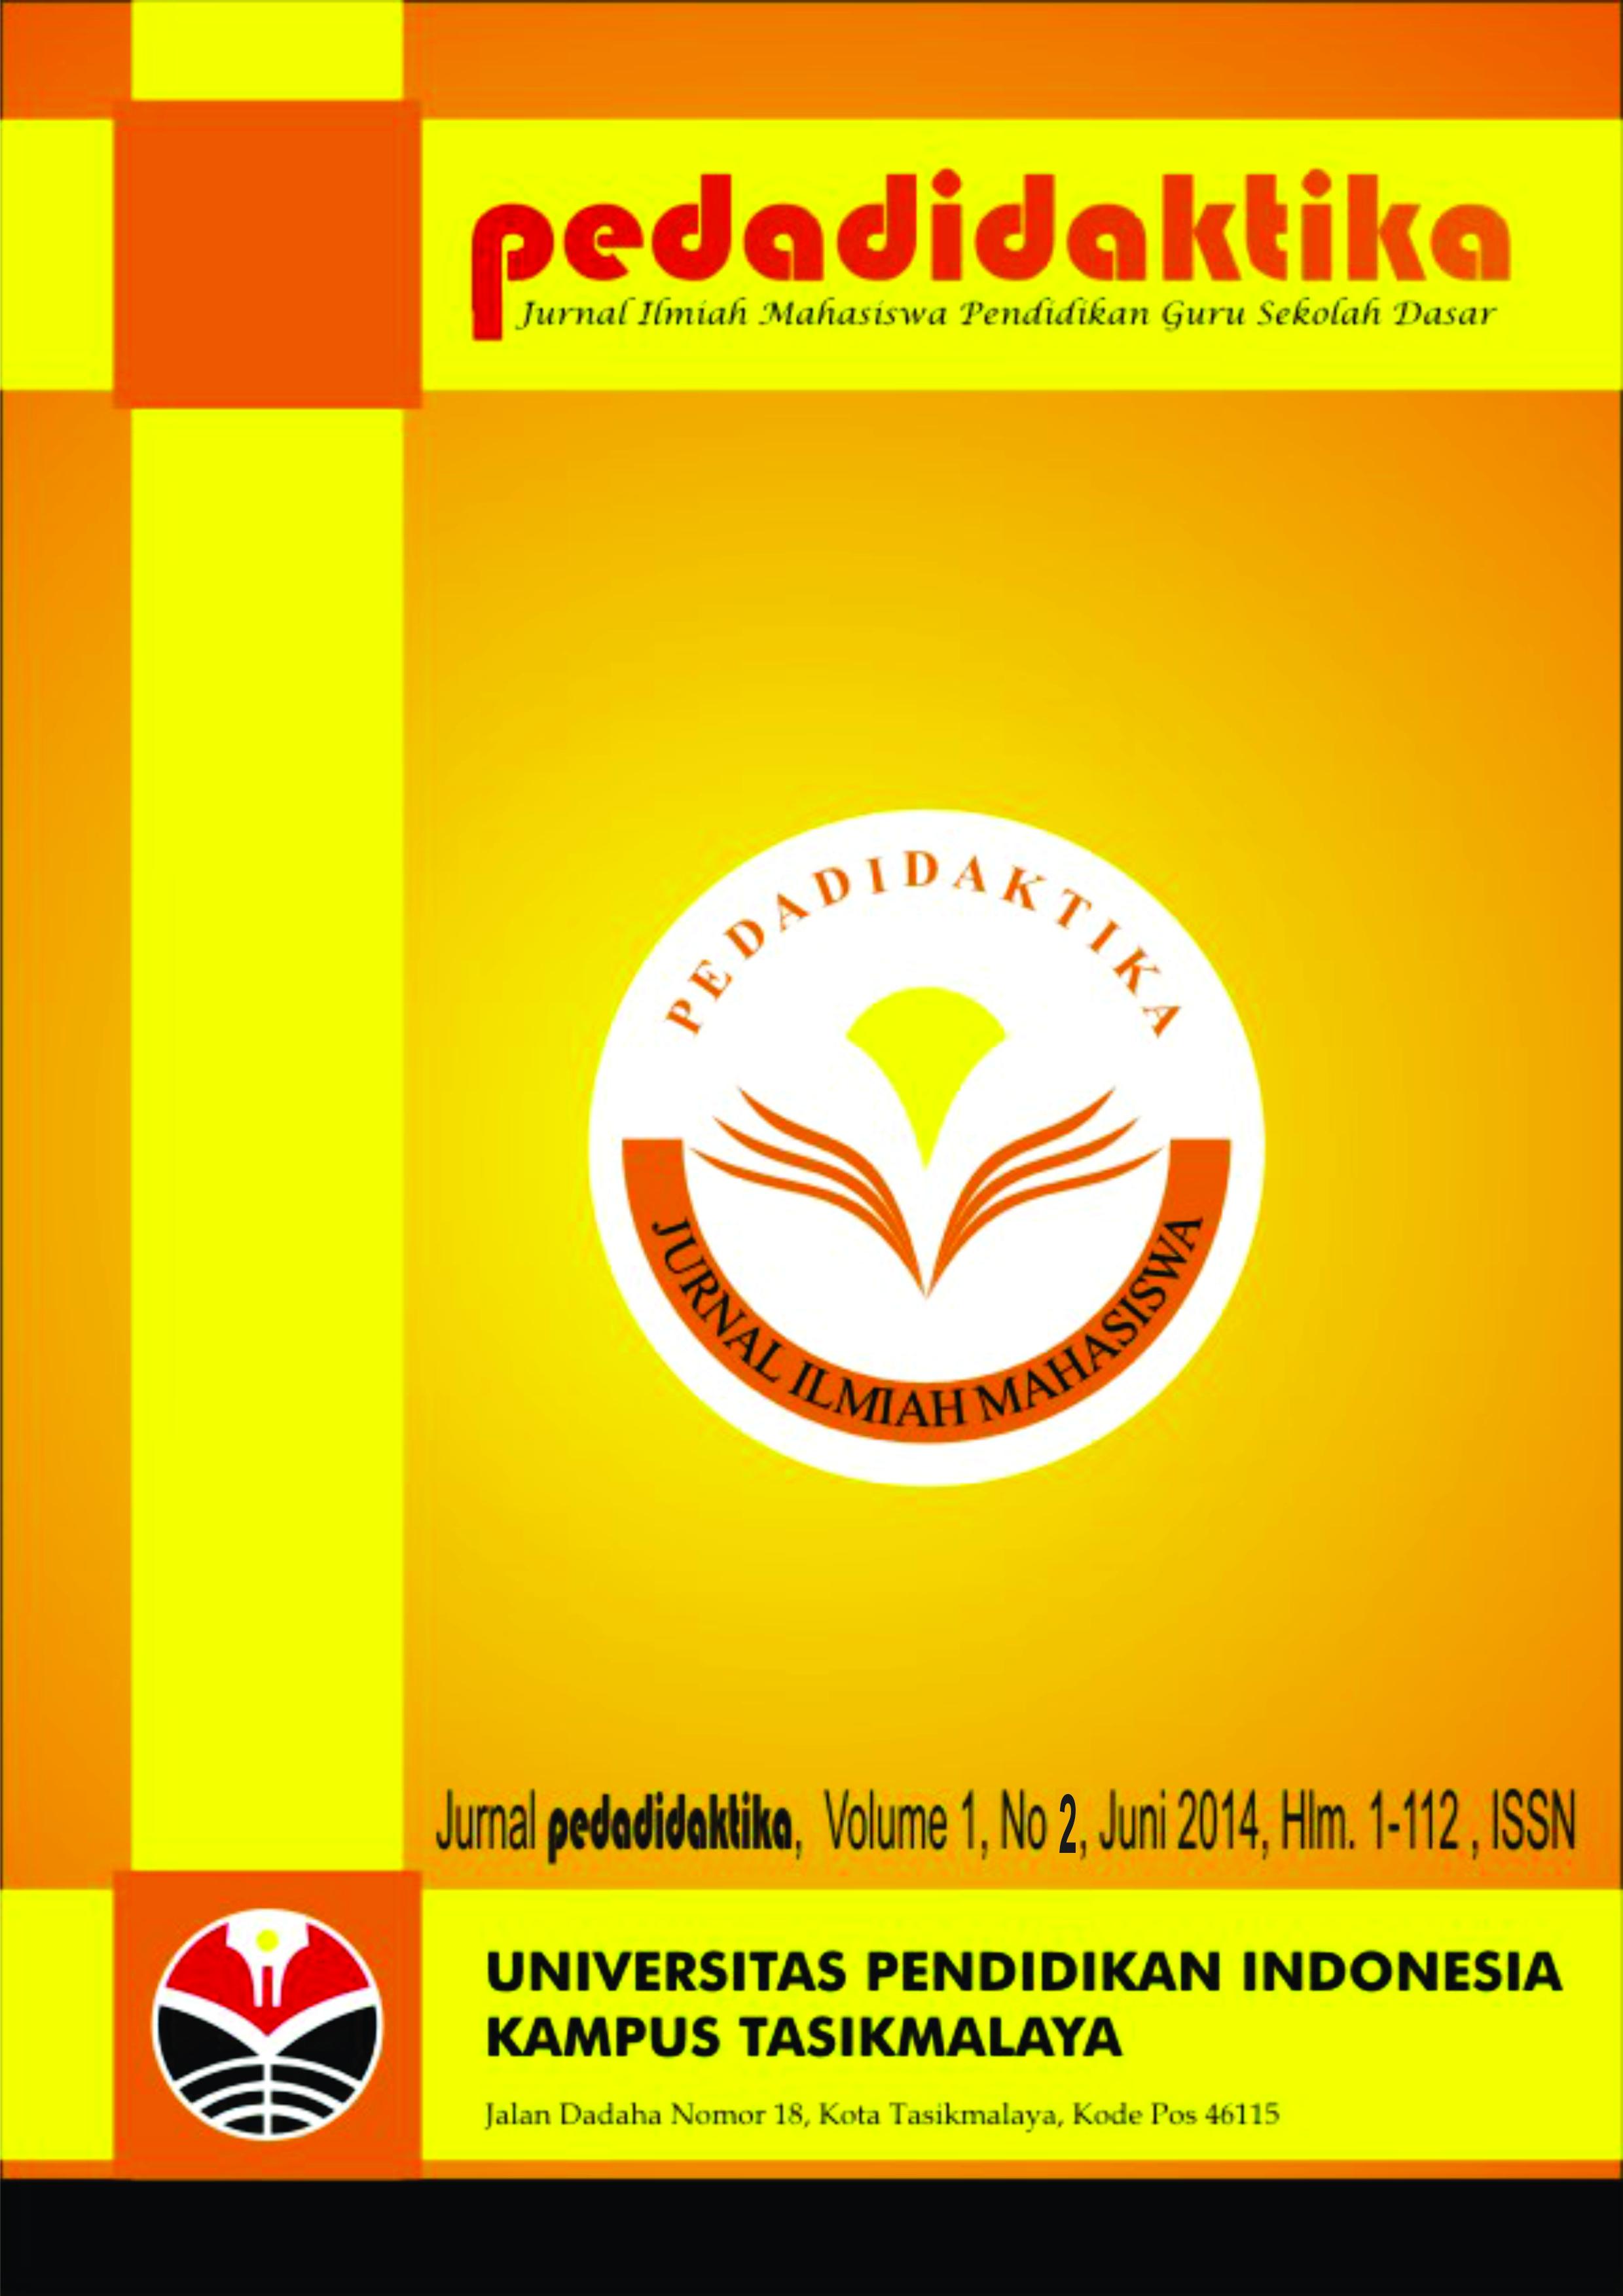 Jurnal Pedadidaktika, Volume 1, No 2. Desember 2014